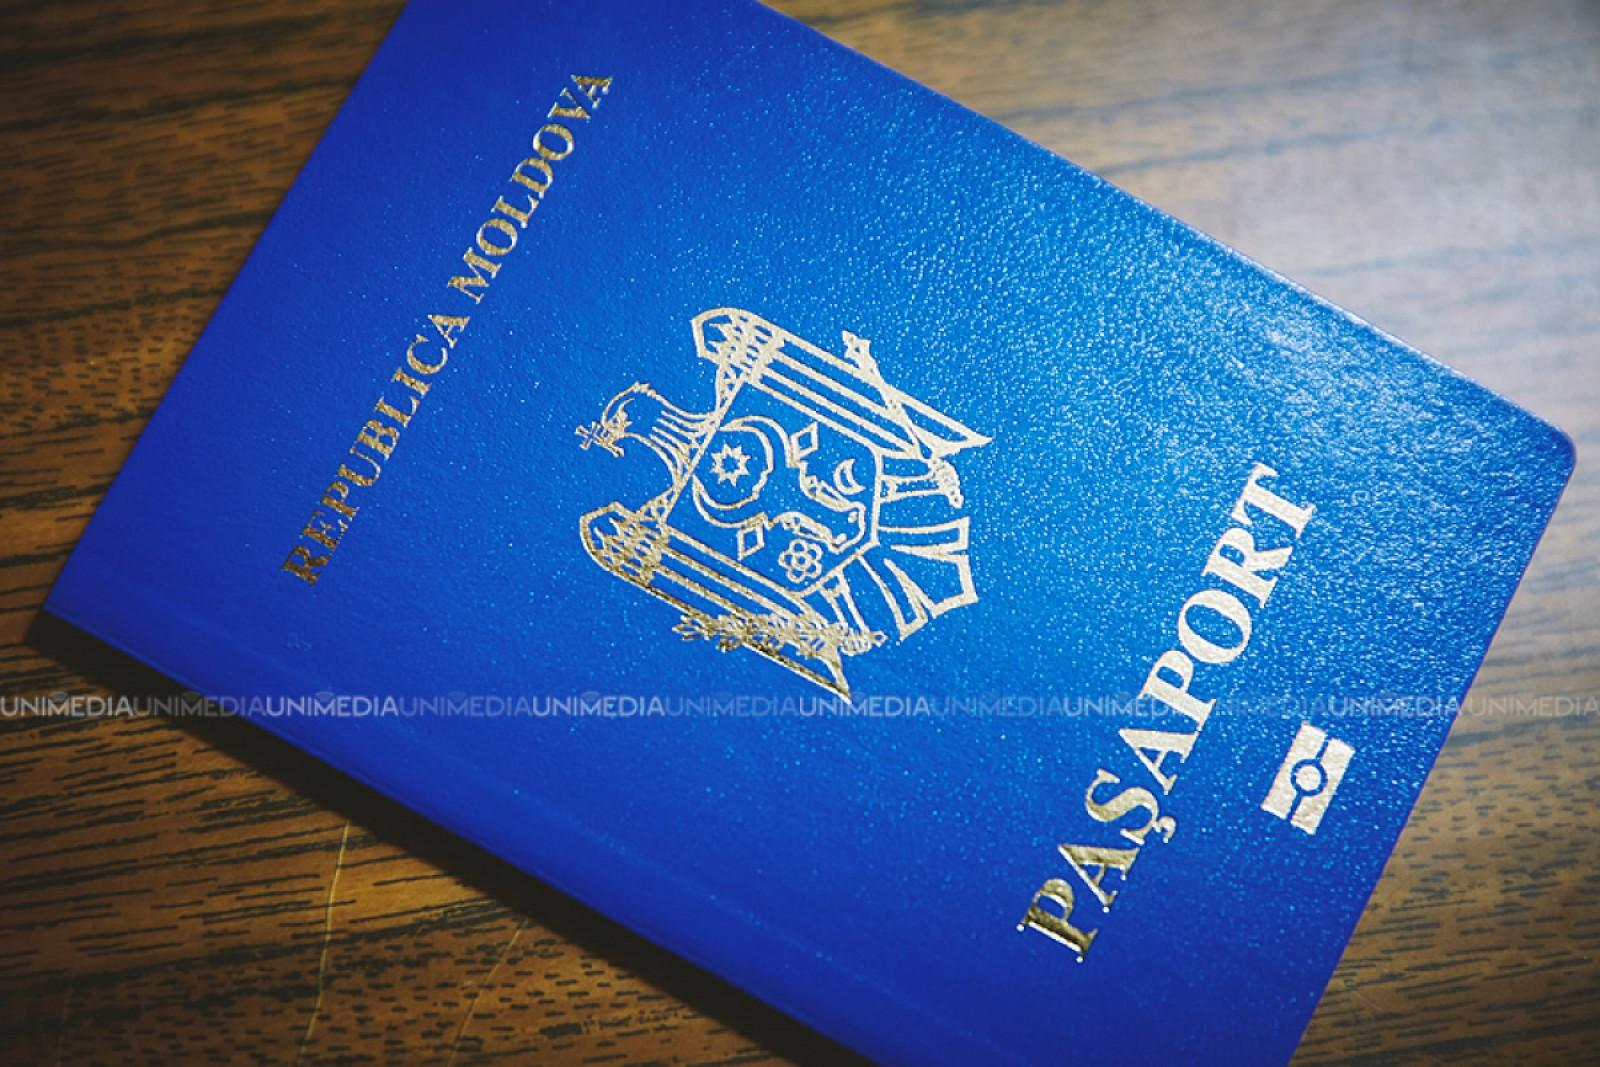 Raport îngrijorător al Comisiei Europene despre situația din Moldova: Nu se îndeplinesc toate condițiile regimului liberalizat de vize